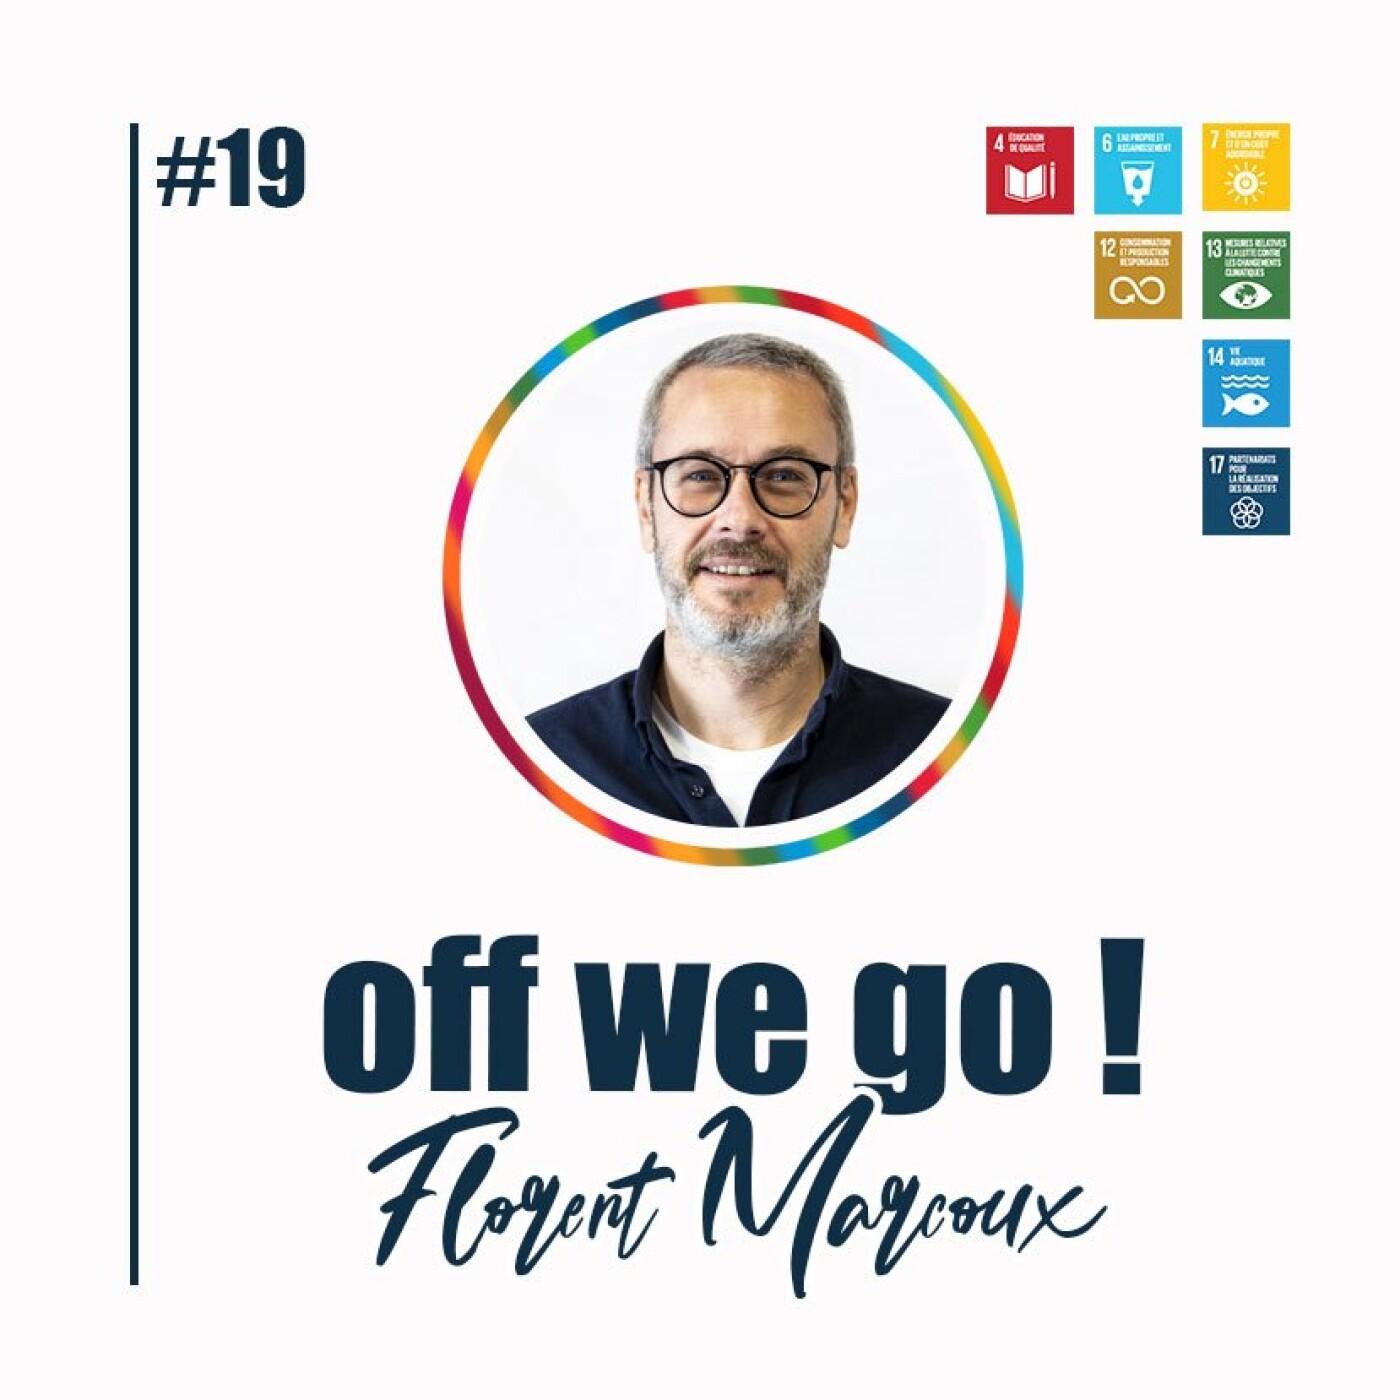 Protéger nos océans pour assurer notre avenir - Florent Marcoux (Surfrider Fondation Europe)